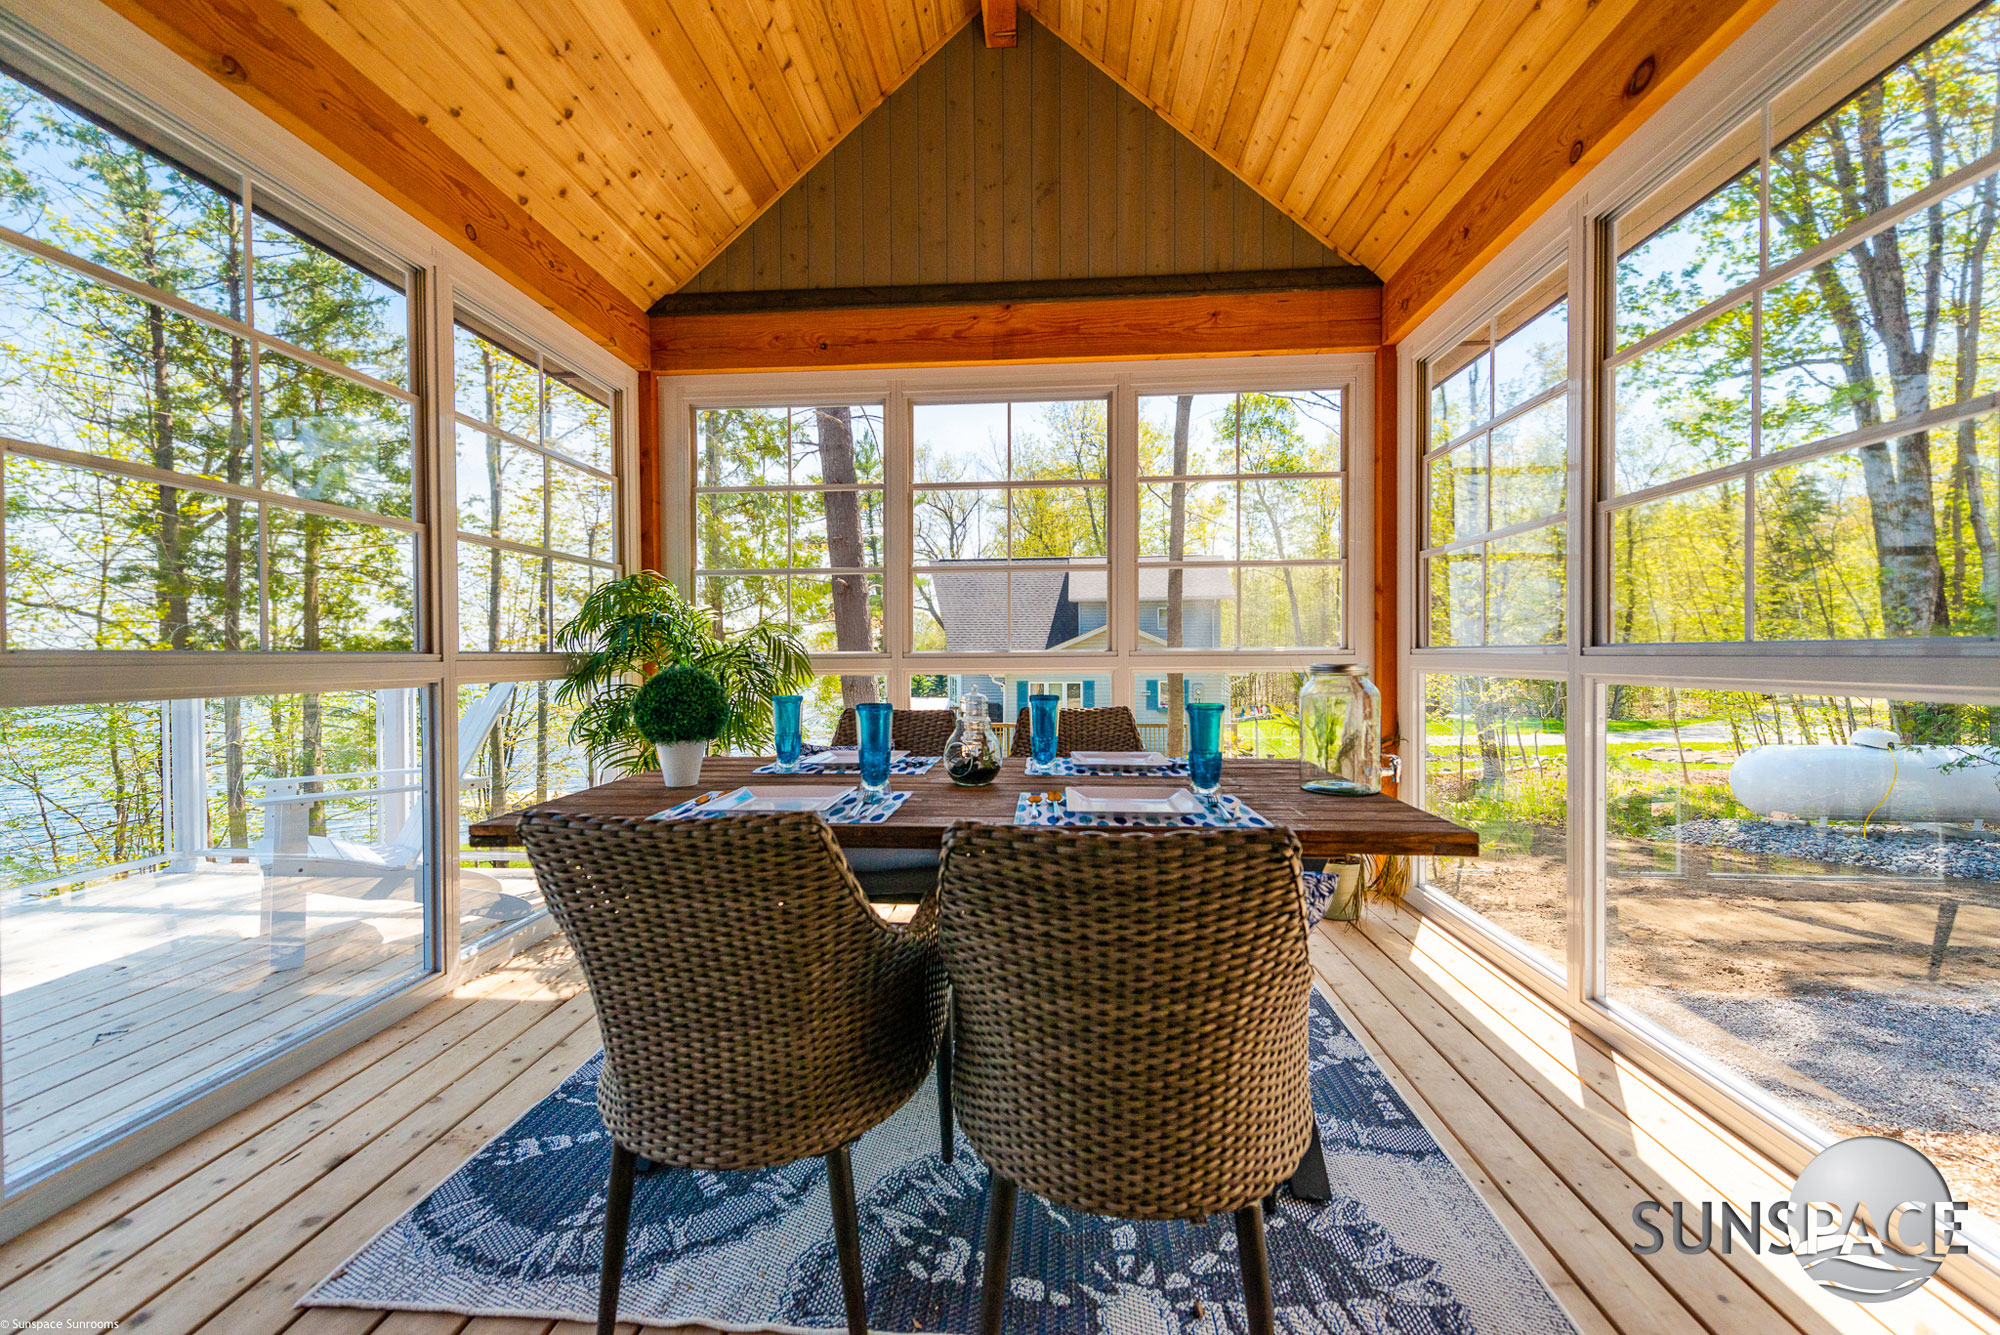 sunspace sunrooms michigan porch